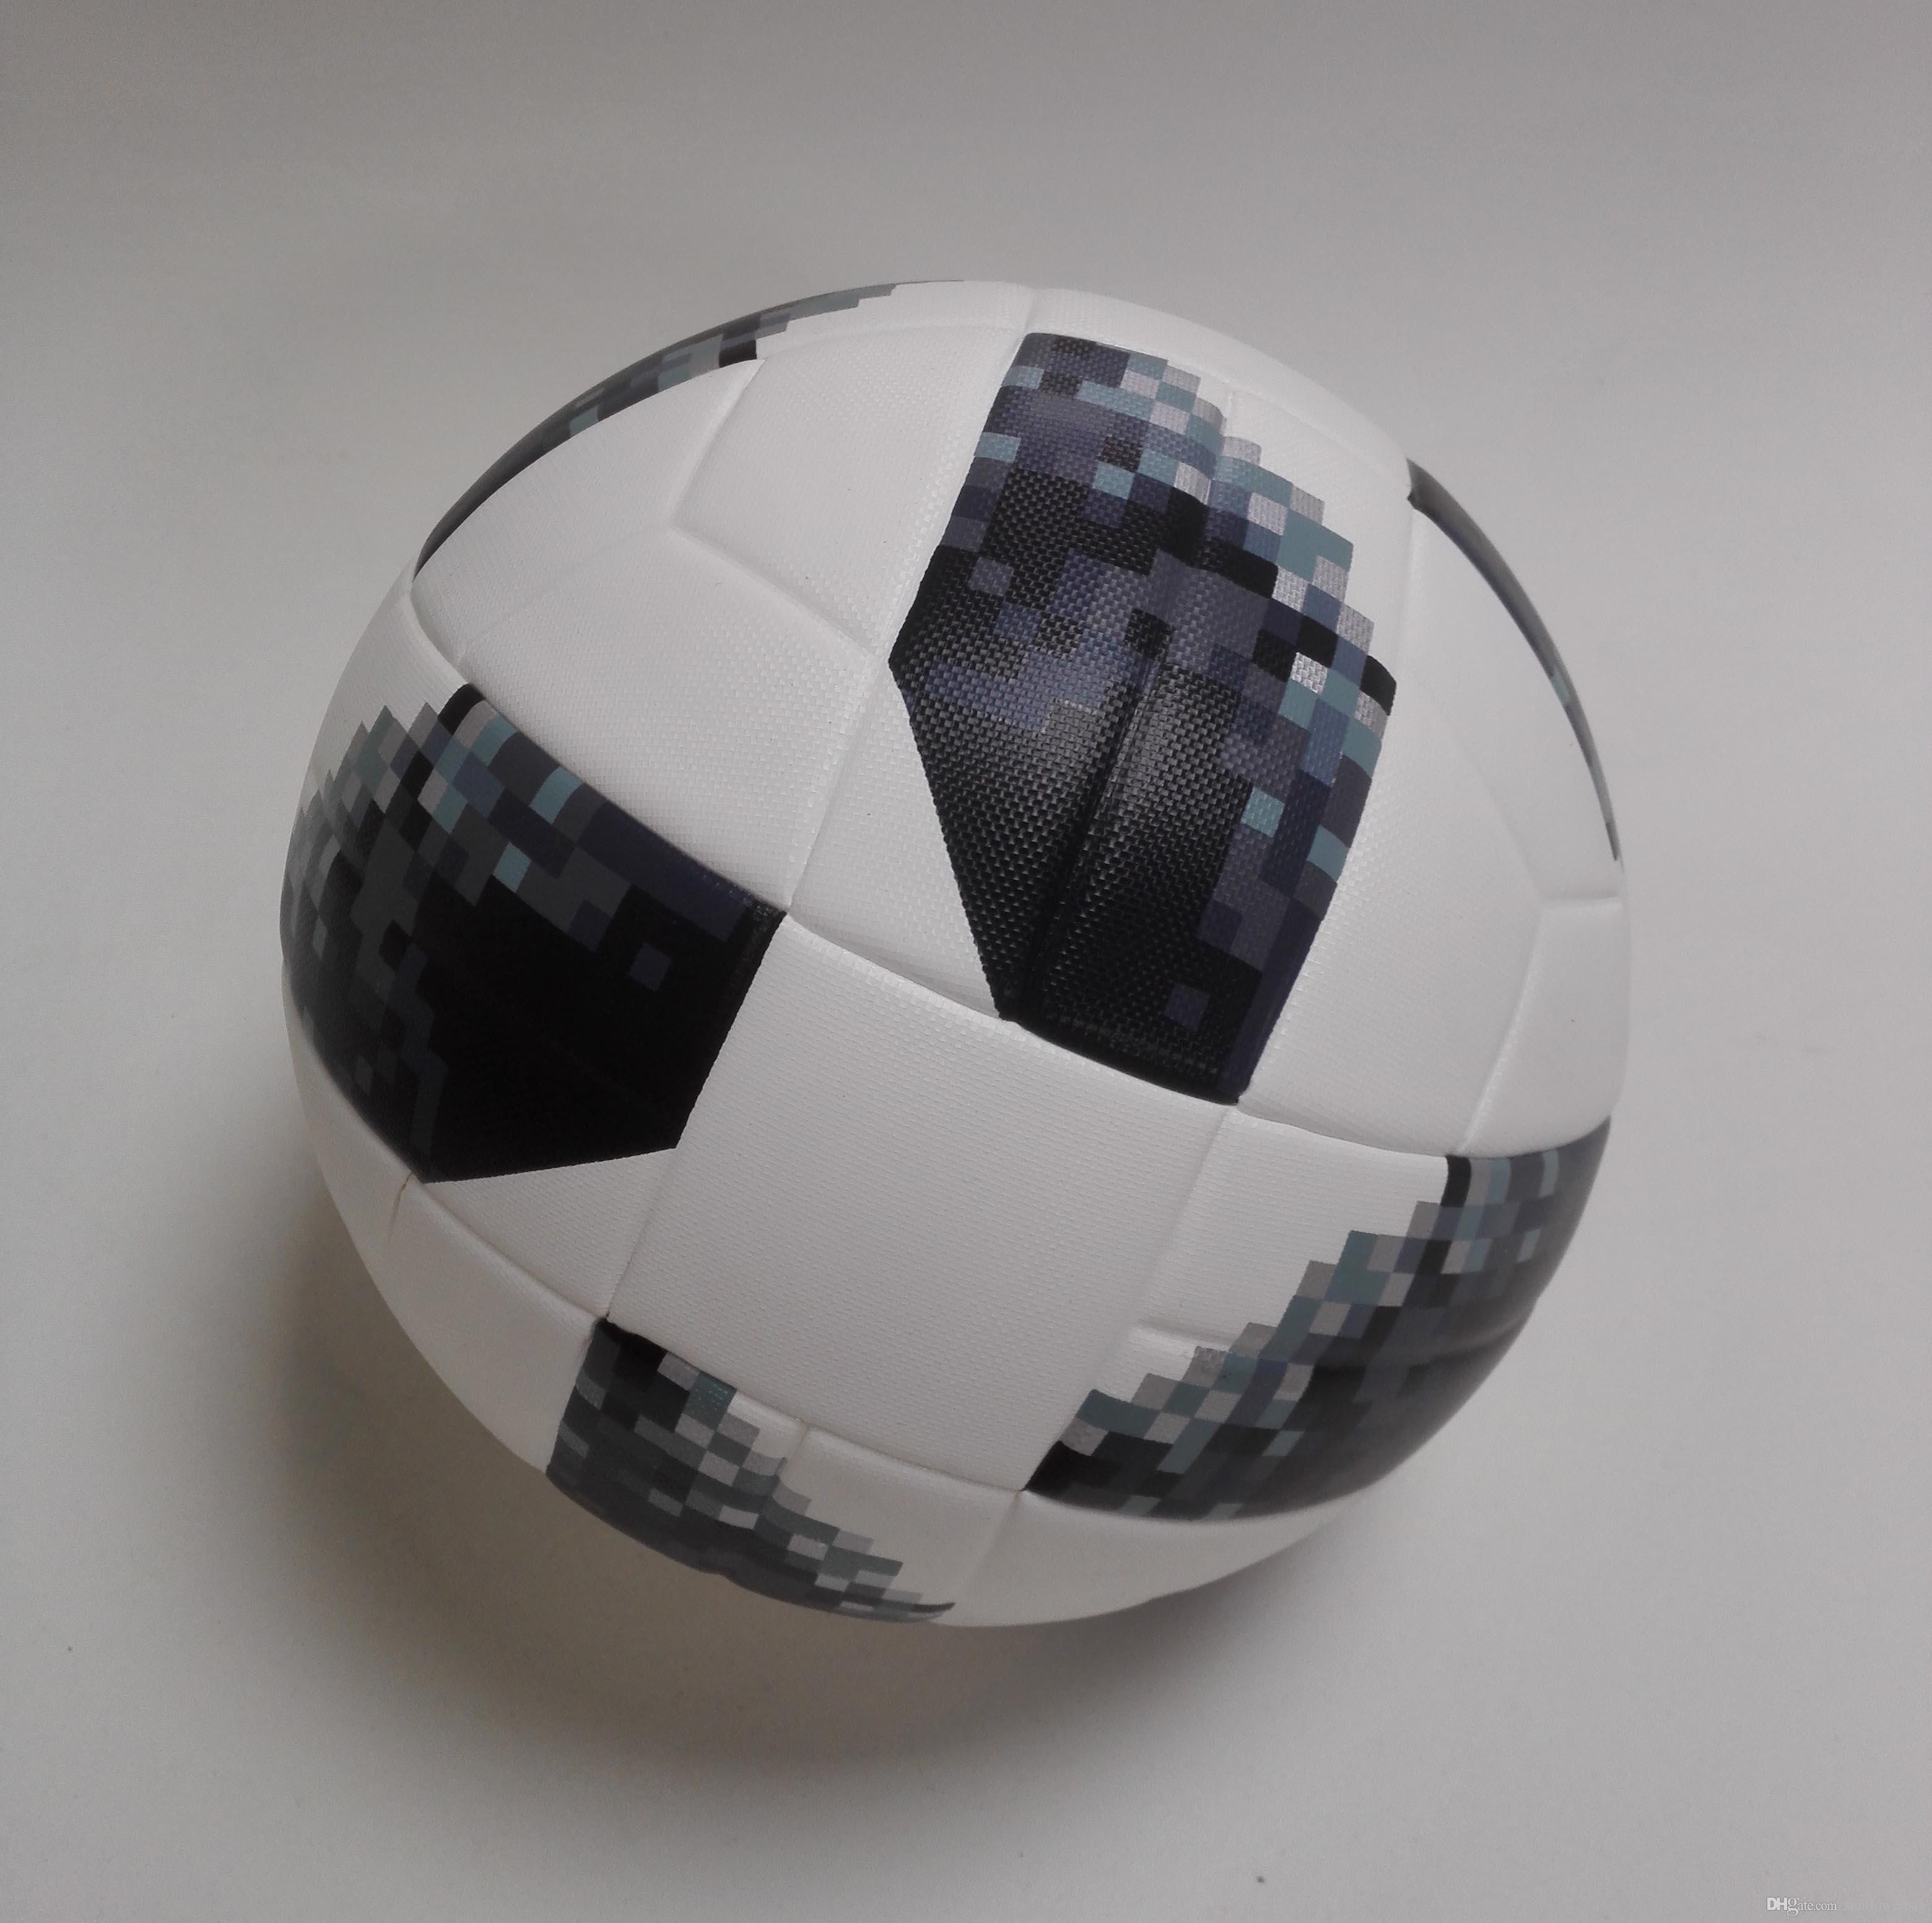 Grosshandel 2018 Fifa Design Fussball Fussball Mit Tpu Leder Grosse 5 420g Stoff Blase Wie Beruhmte Marke Von Sunflowerbag 4 78 Auf De Dhgate Com